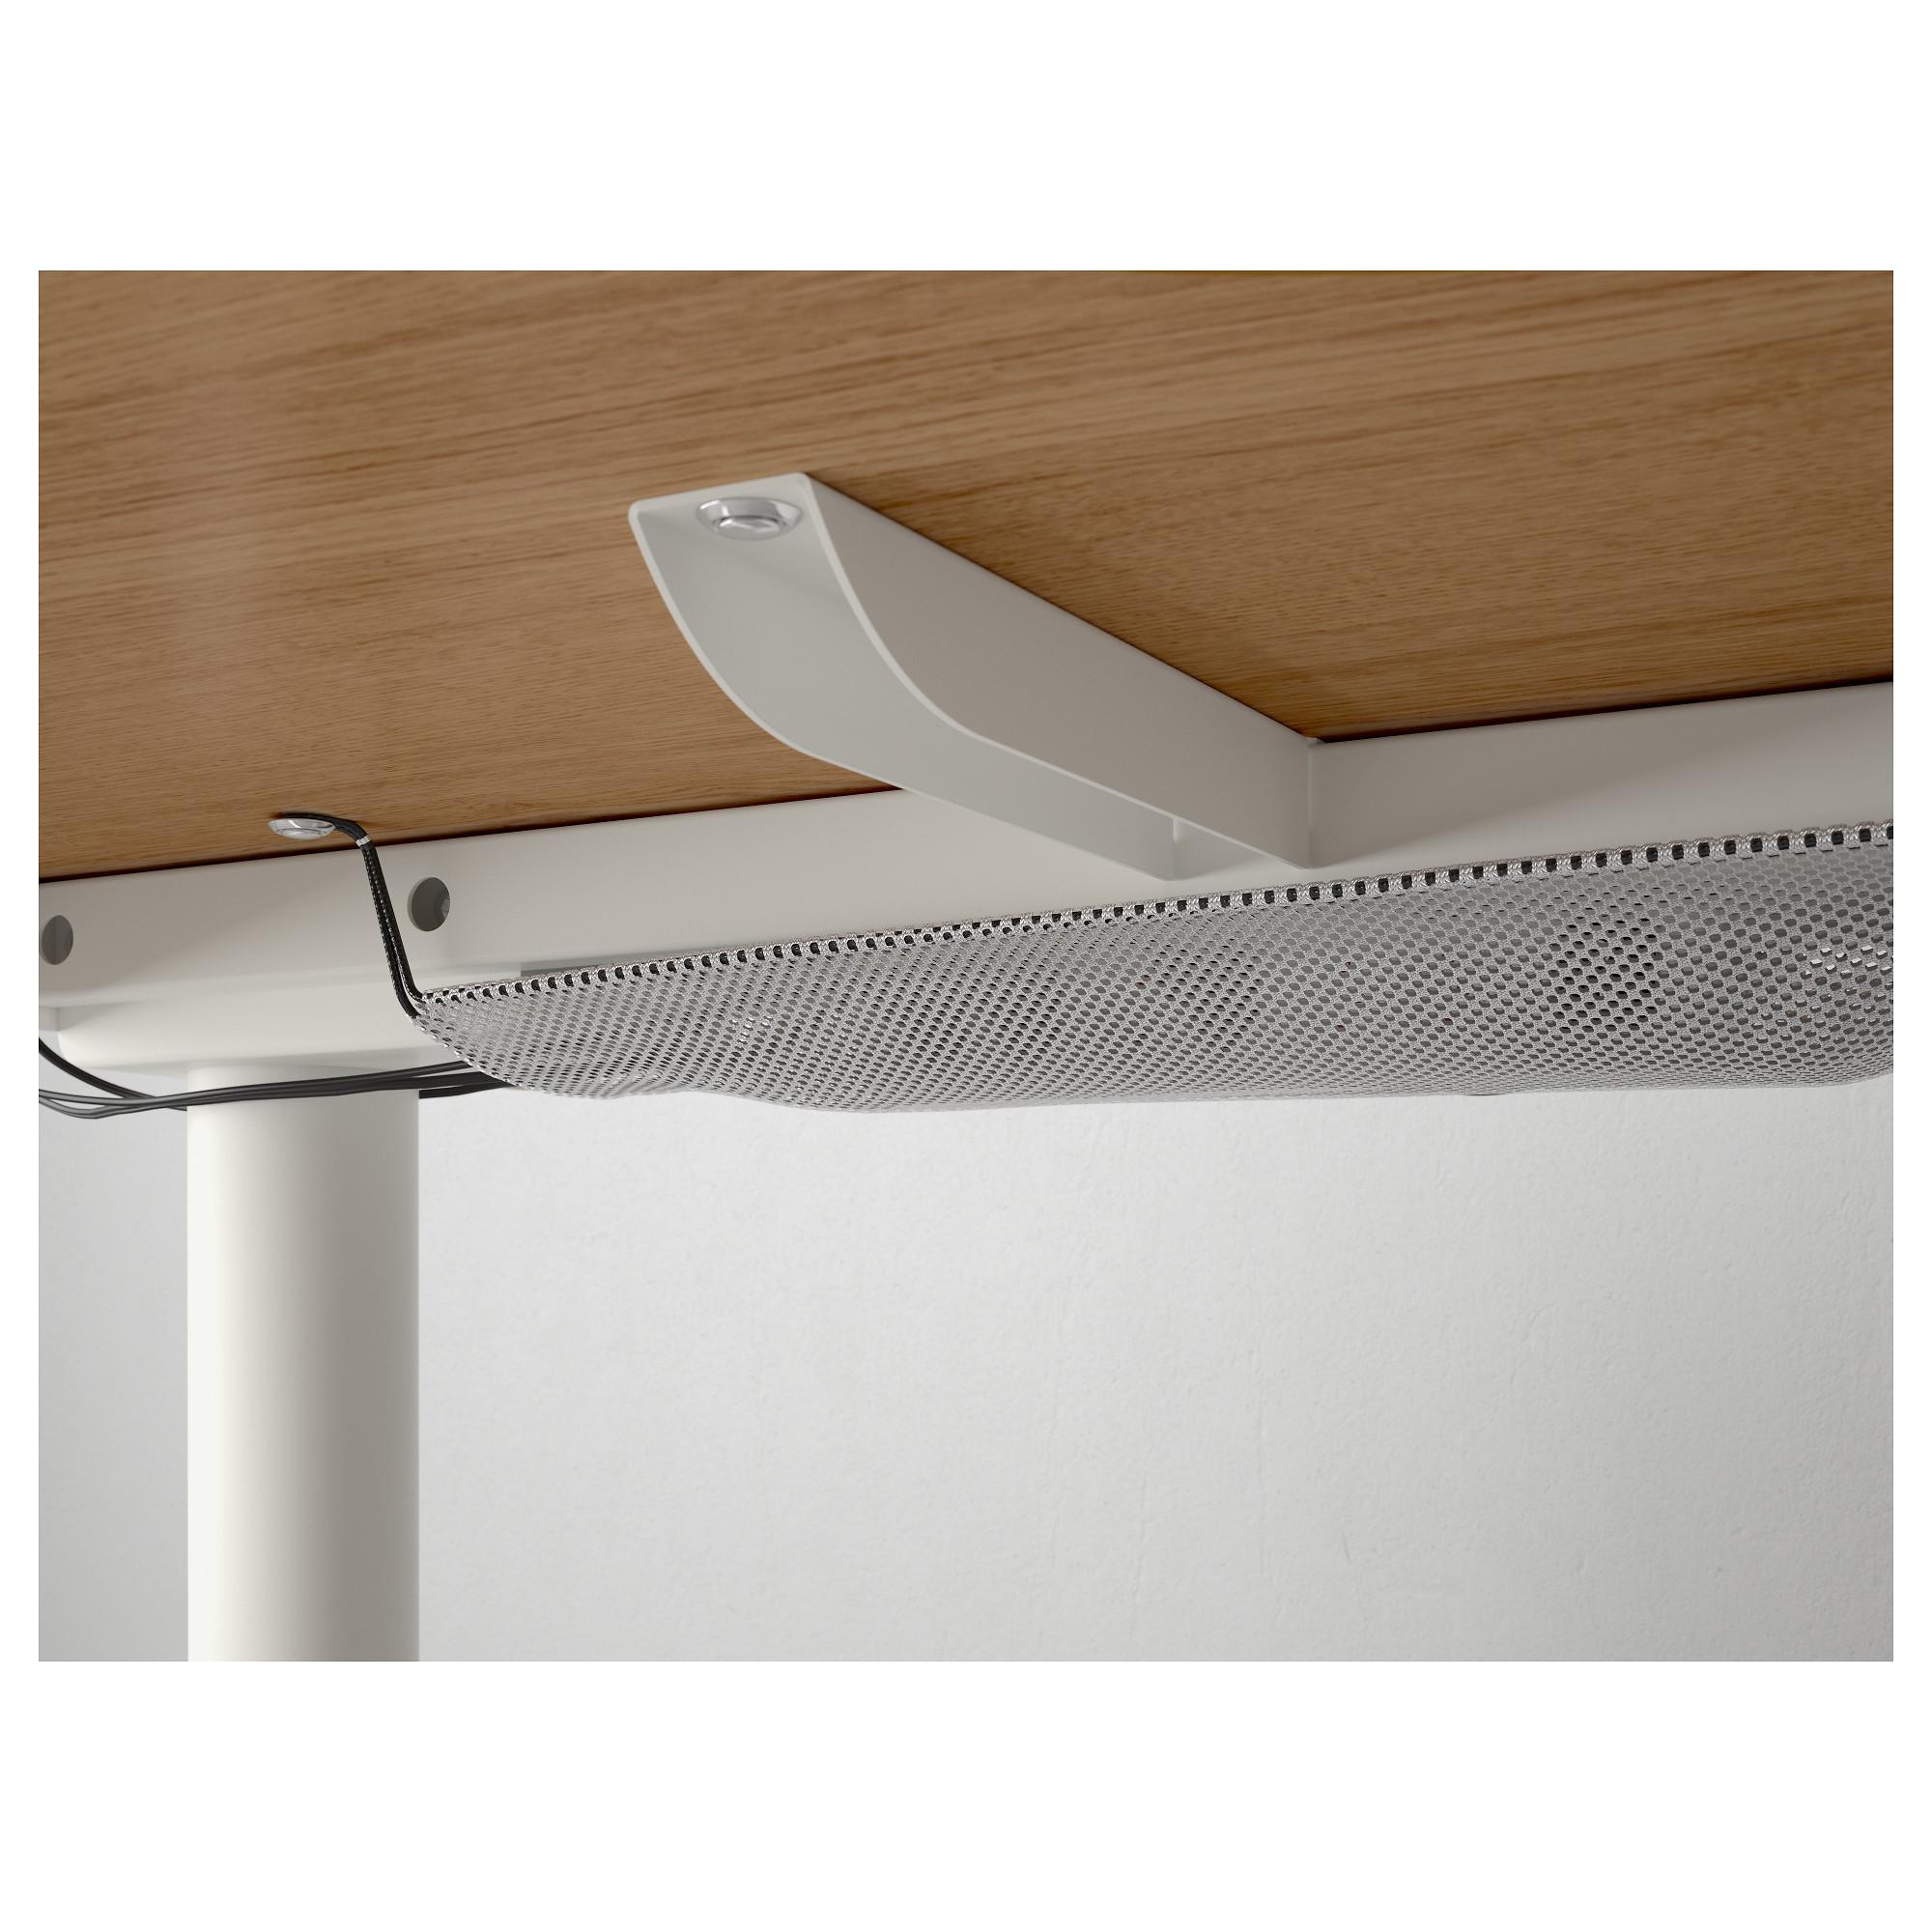 Угловой письменный стол левосторонний трансформер БЕКАНТ белый артикуль № 592.786.61 в наличии. Online магазин IKEA Минск. Недорогая доставка и установка.